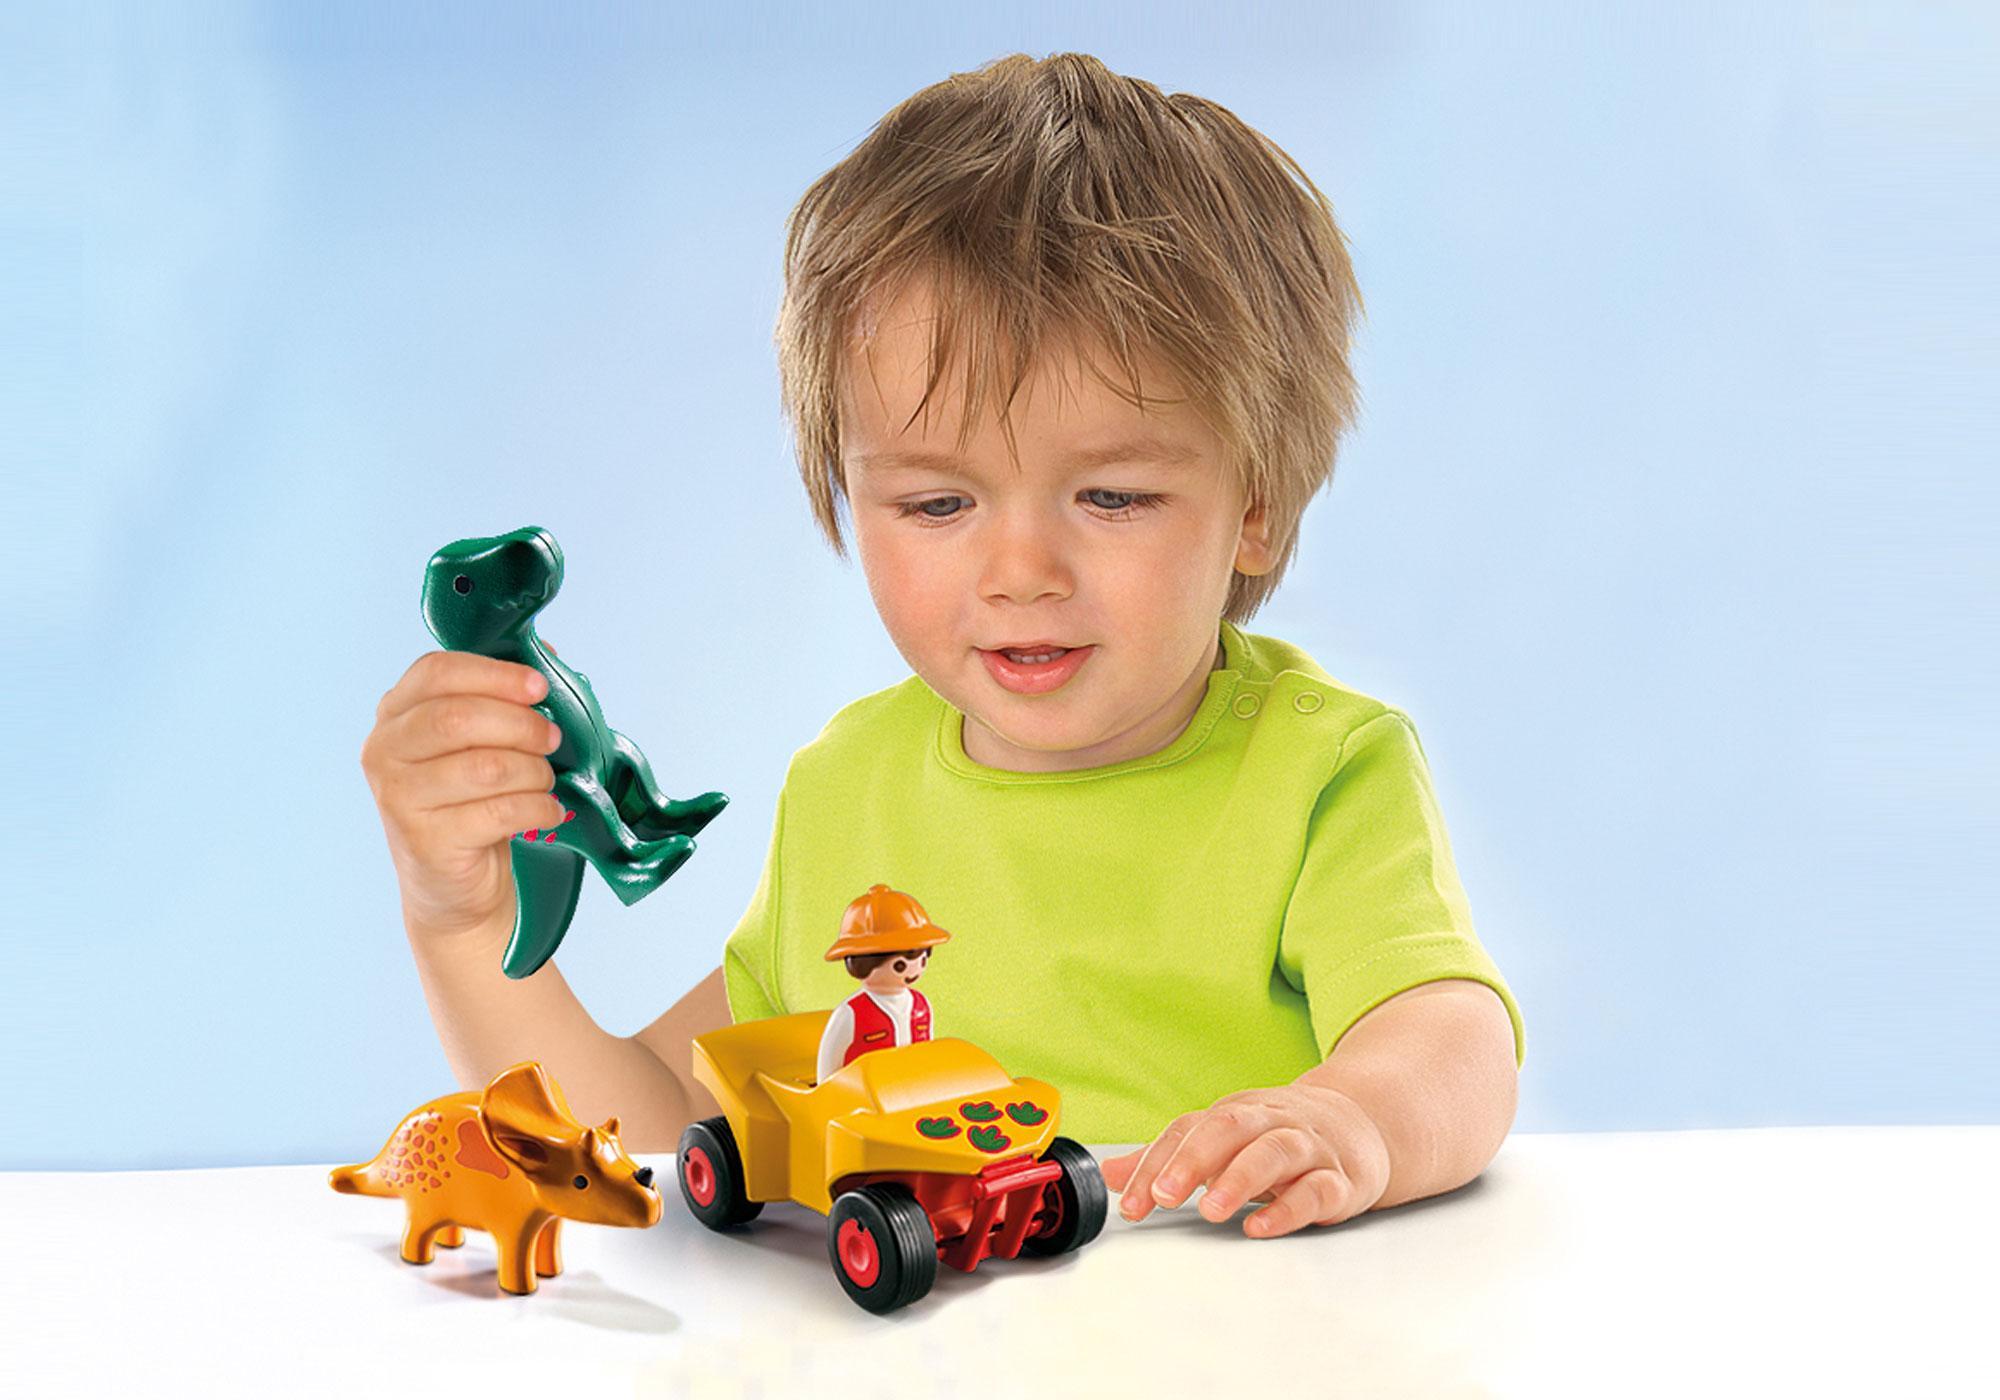 http://media.playmobil.com/i/playmobil/9120_product_extra1/1.2.3 Quad con 2 Dinos